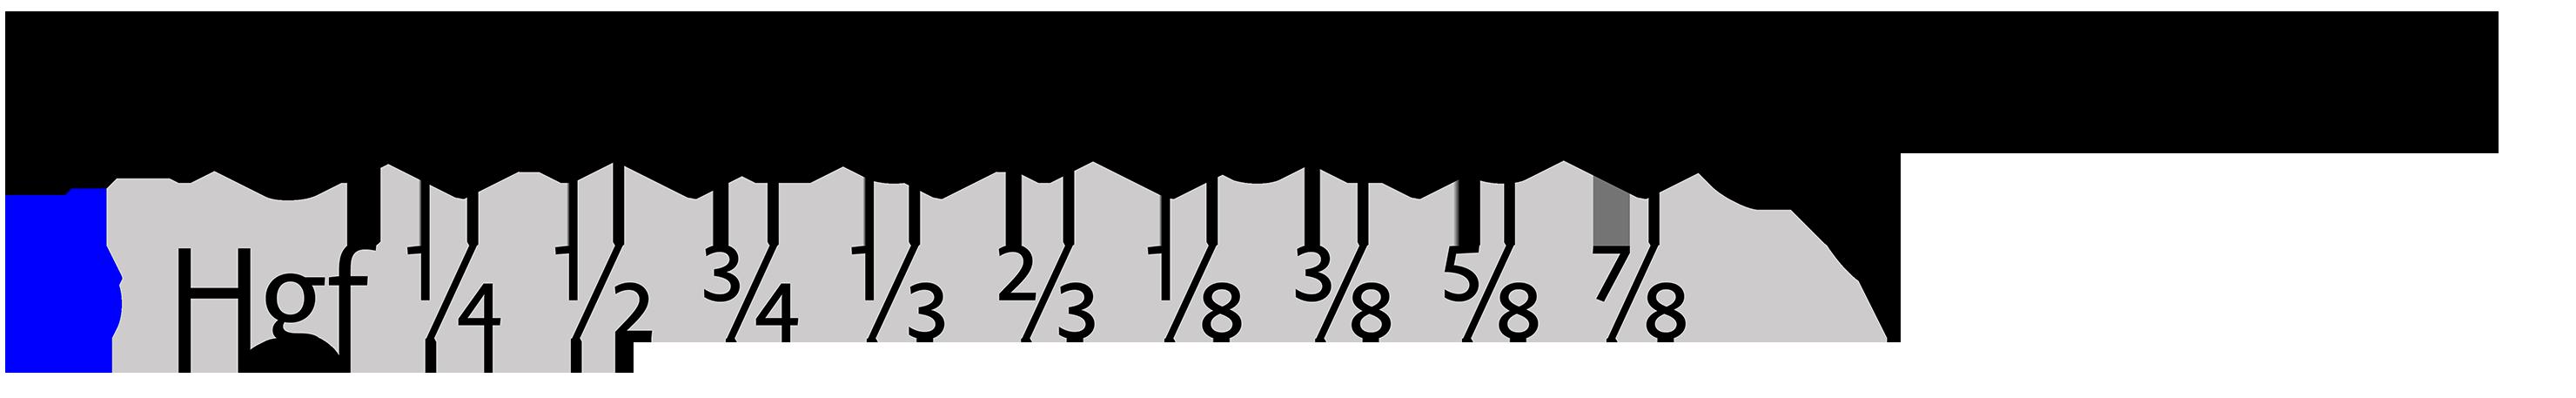 Typeface-Novel-Sans-F15-Atlas-Font-Foundry